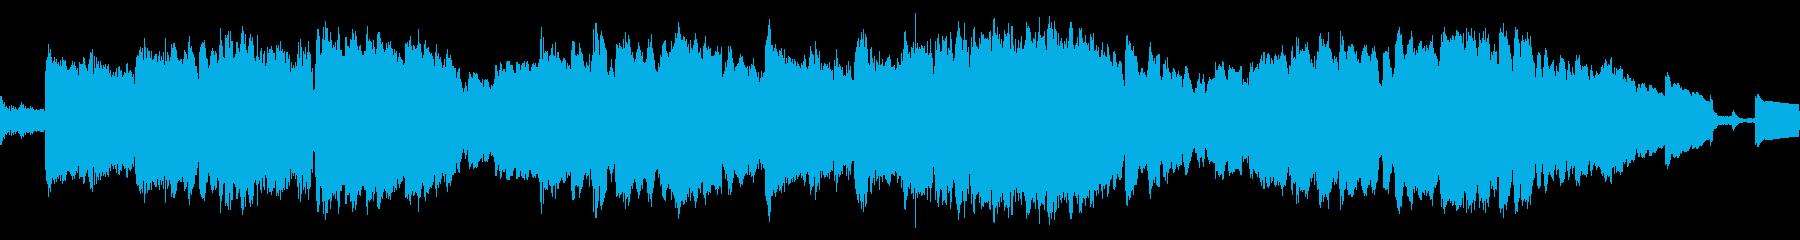 落ち着いた雰囲気のエレクトロニカBGMの再生済みの波形